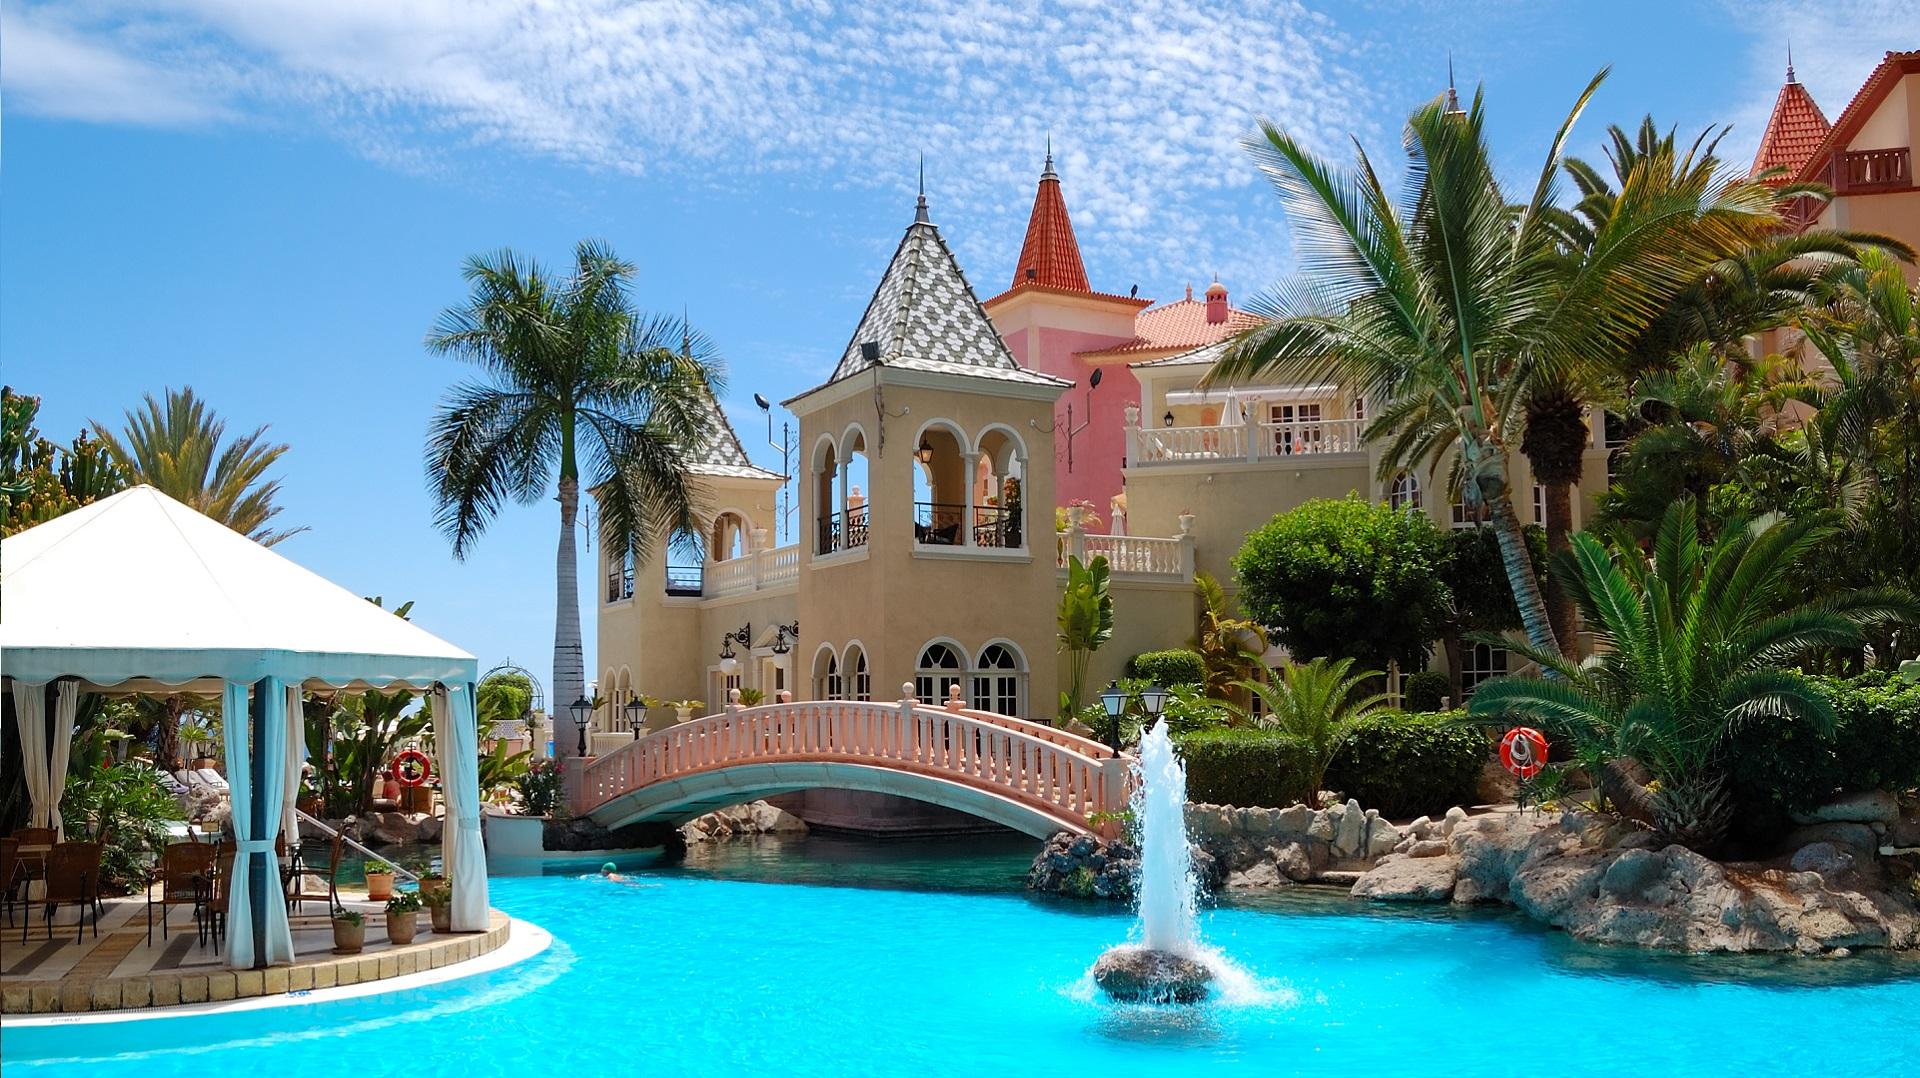 Los mejores hoteles de lujo de España según la lista Condé Nast Johansens